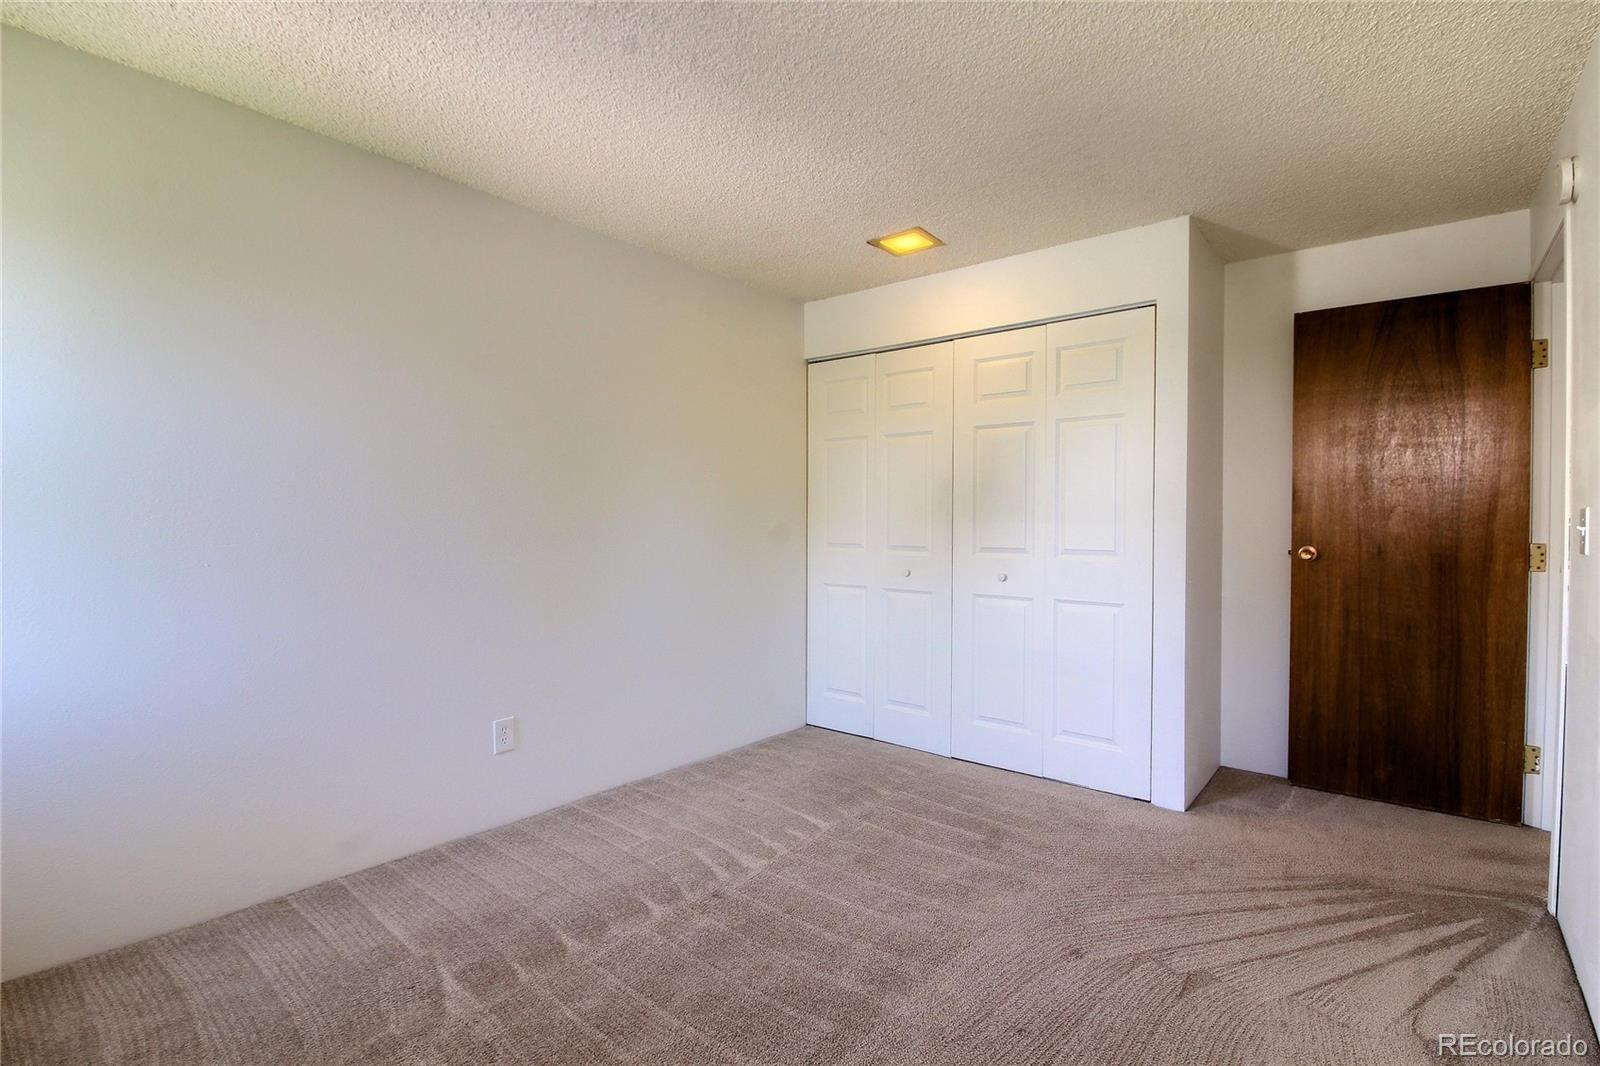 MLS# 8942886 - 21 - 3315 Chisholm Trail #302, Boulder, CO 80301